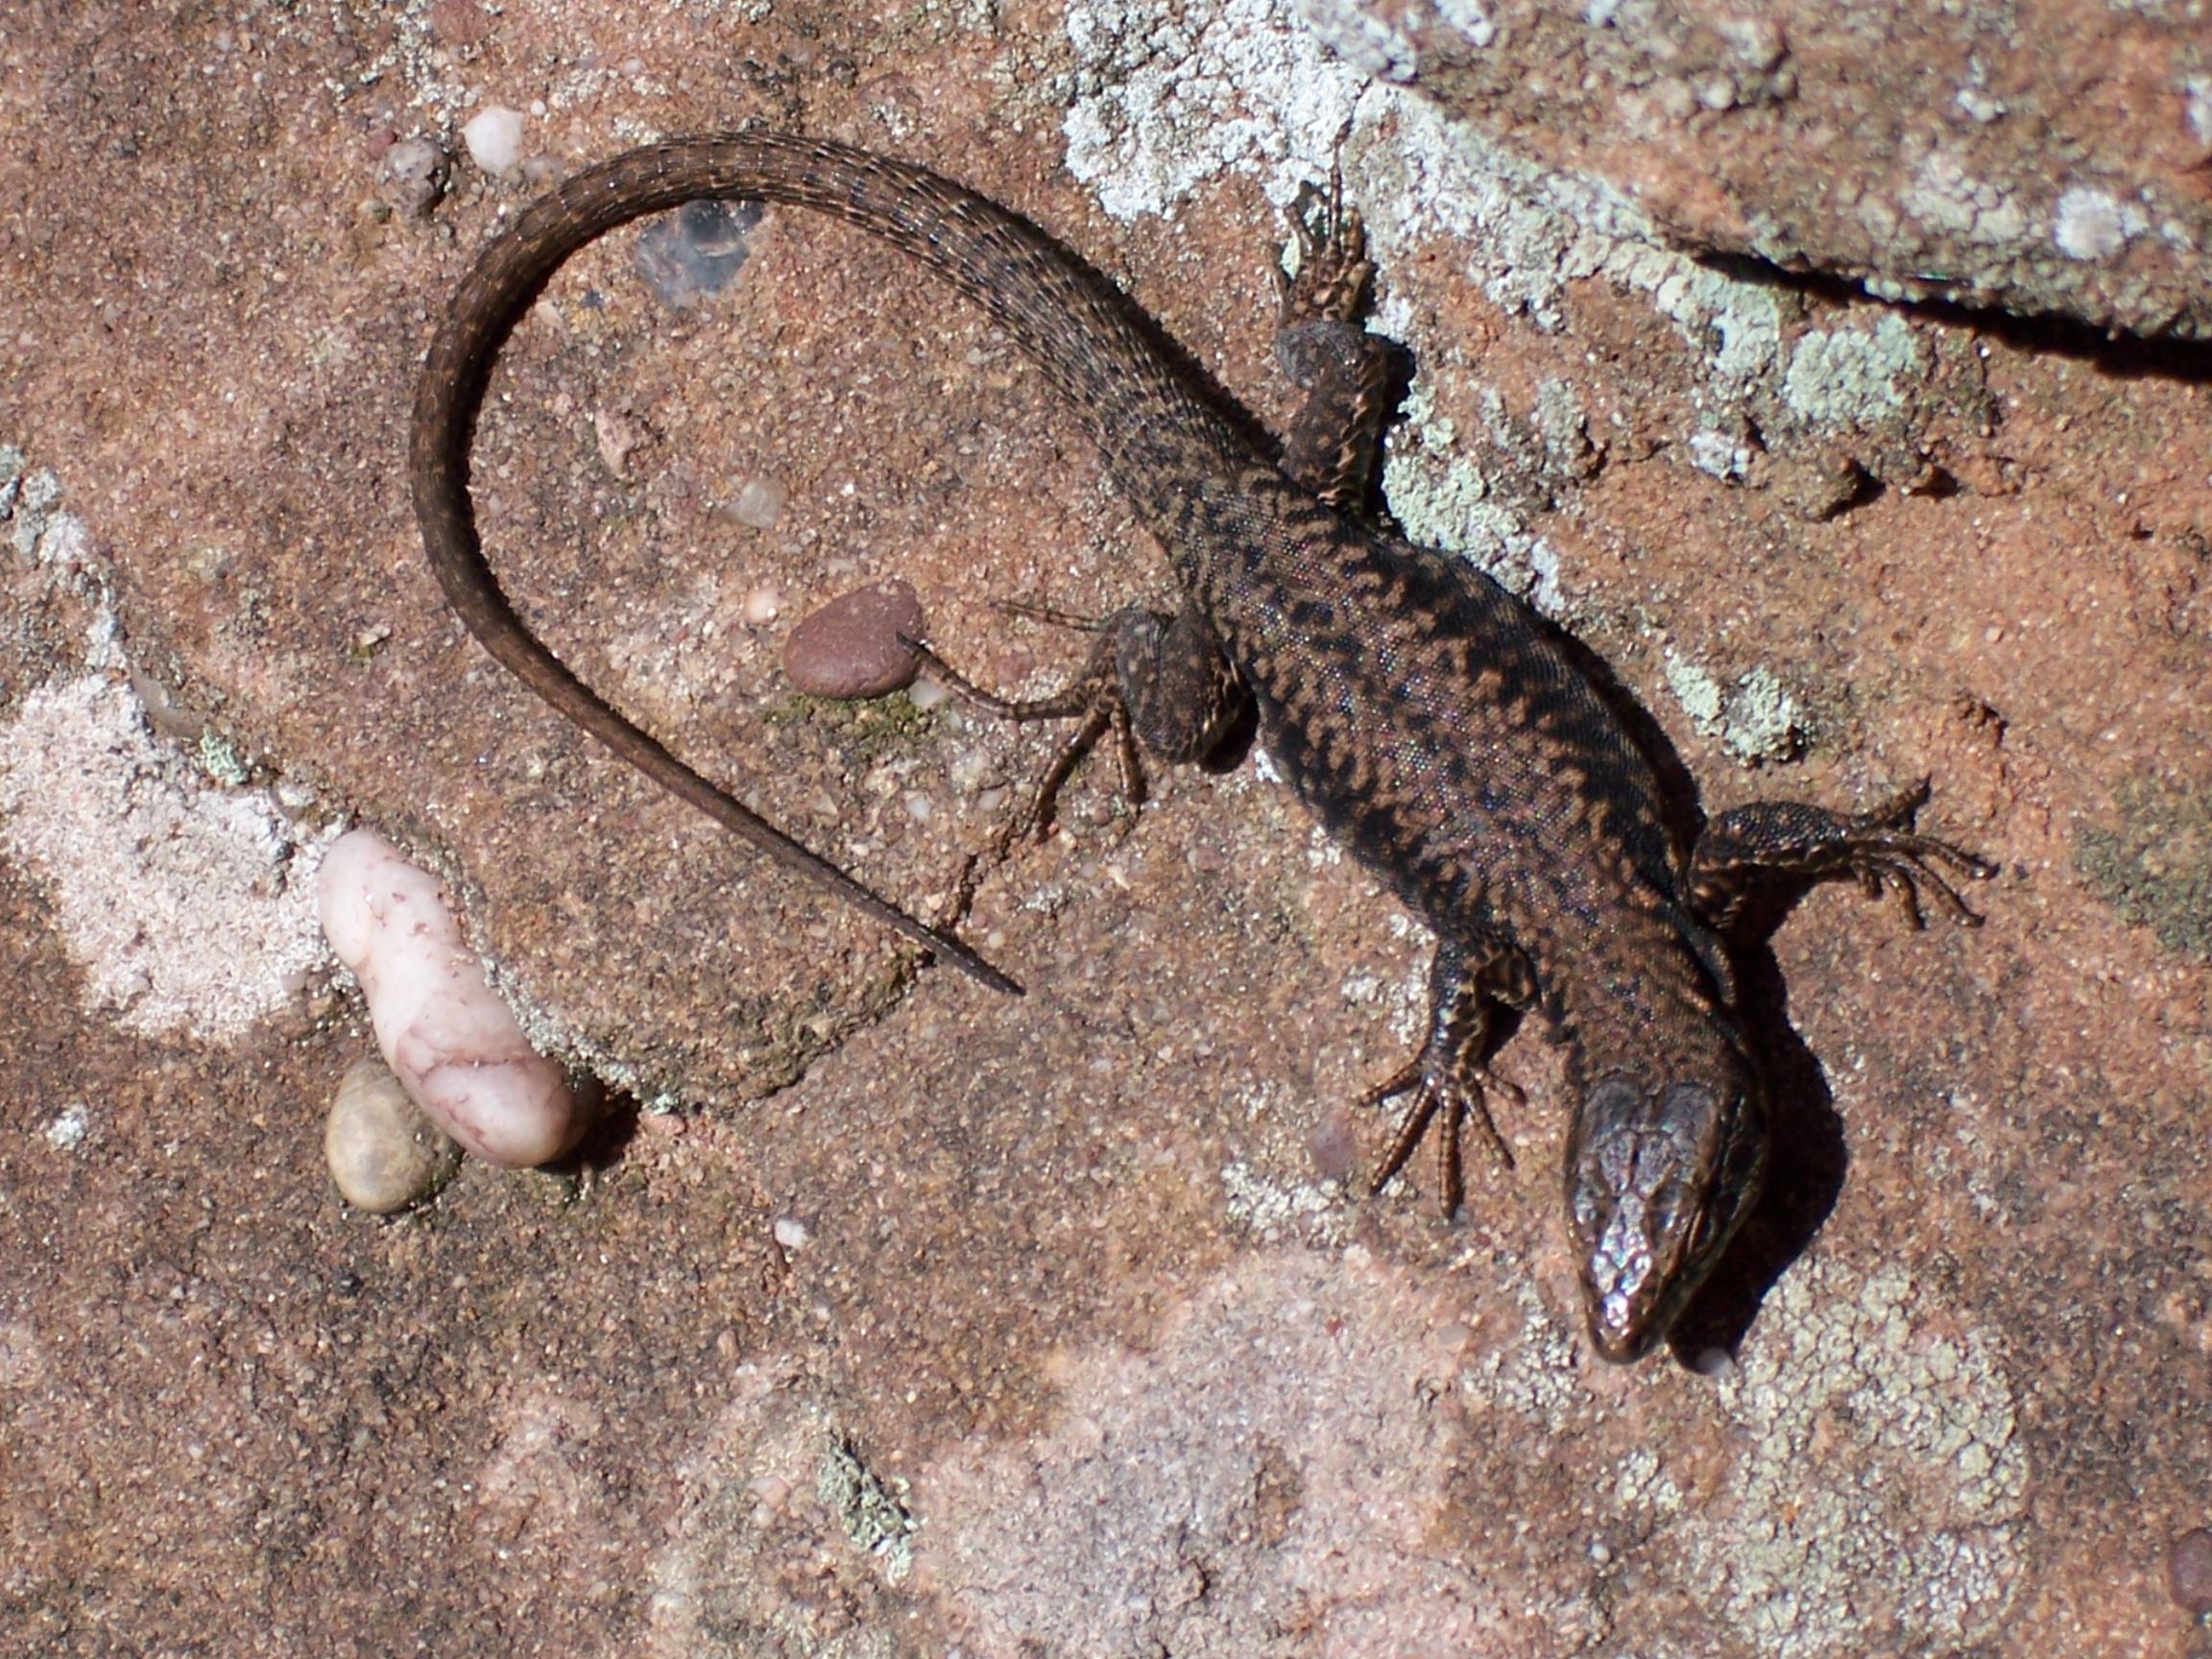 Felsen samt Geröllhalden und Felsköpfen sind sensible Biotope, in denen extrem angepasste Arten wie Mauereidechsen leben. Foto: DAV/S. Reich